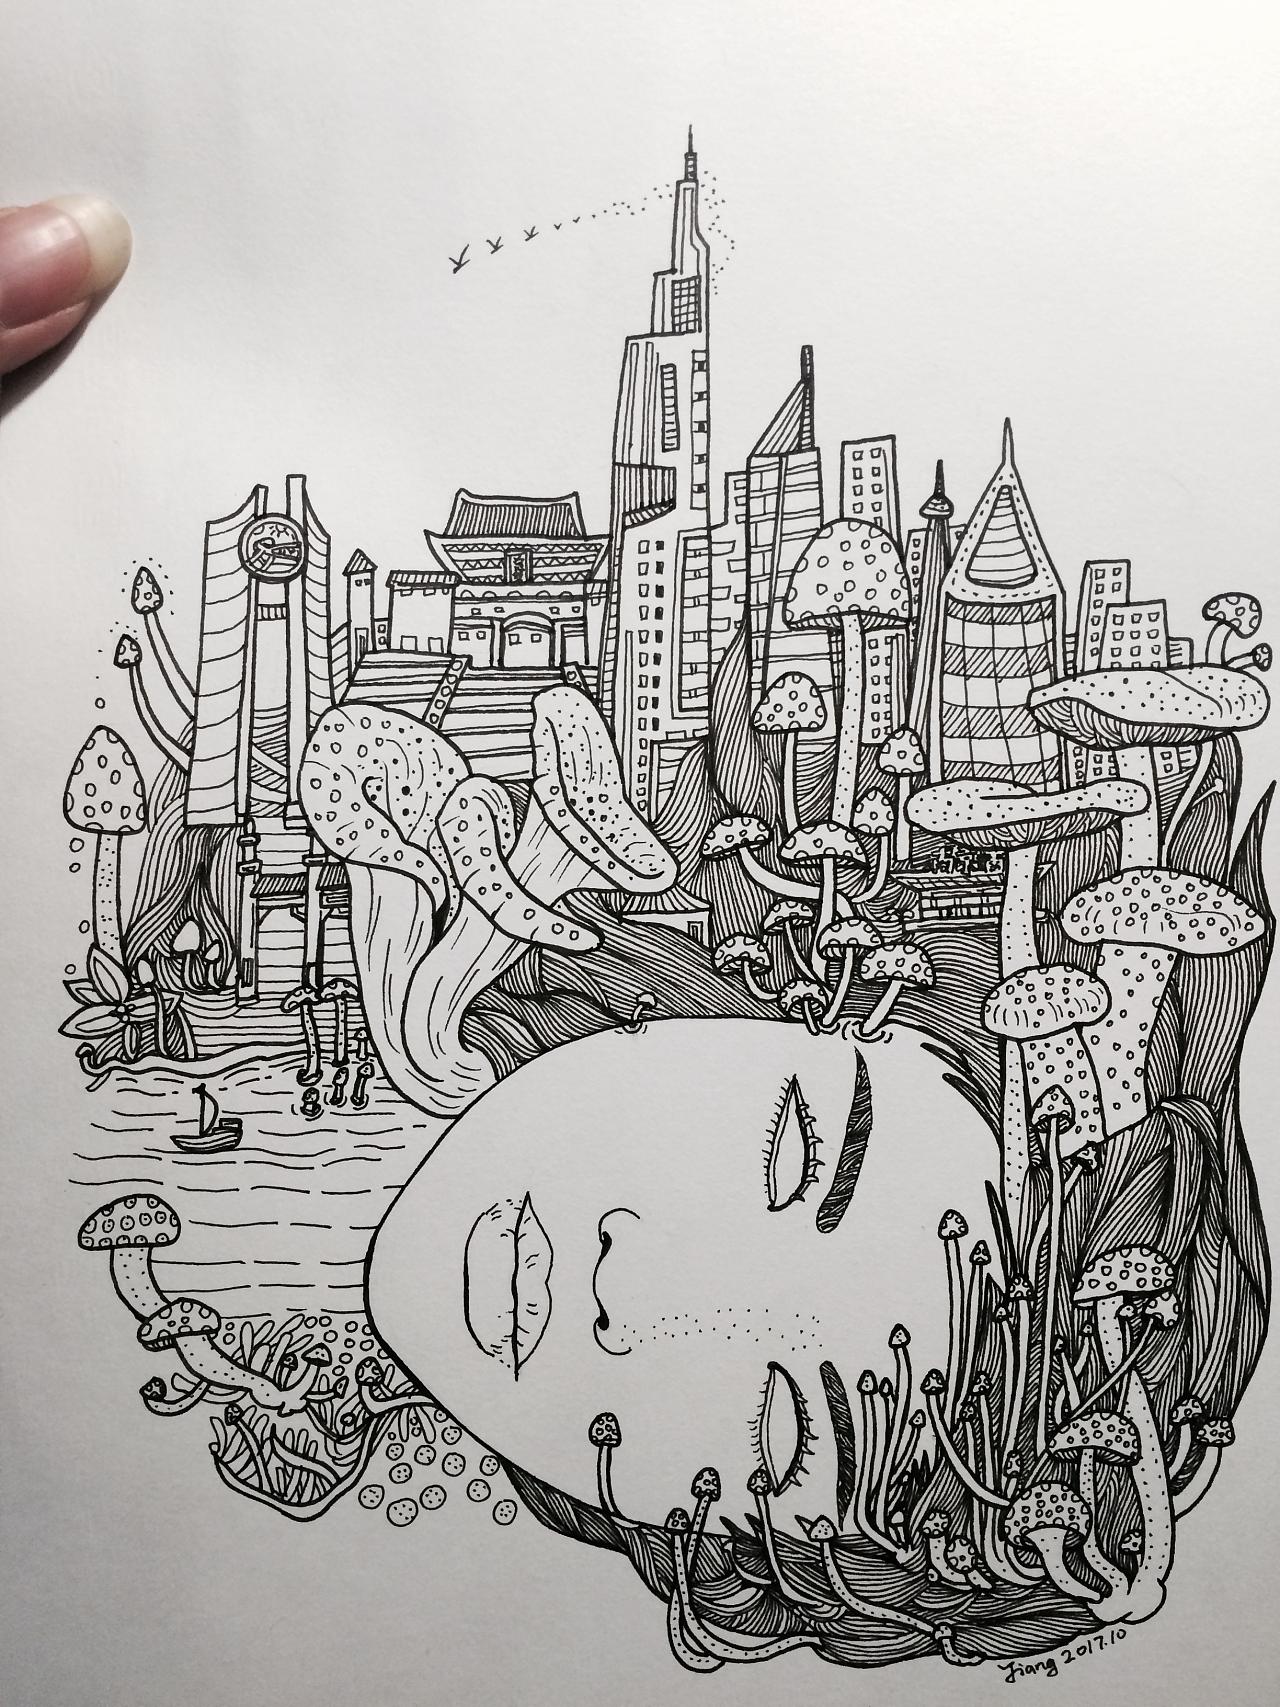 南京城市篇|插画|涂鸦/潮流|艺博乐创意袁博 - 原创